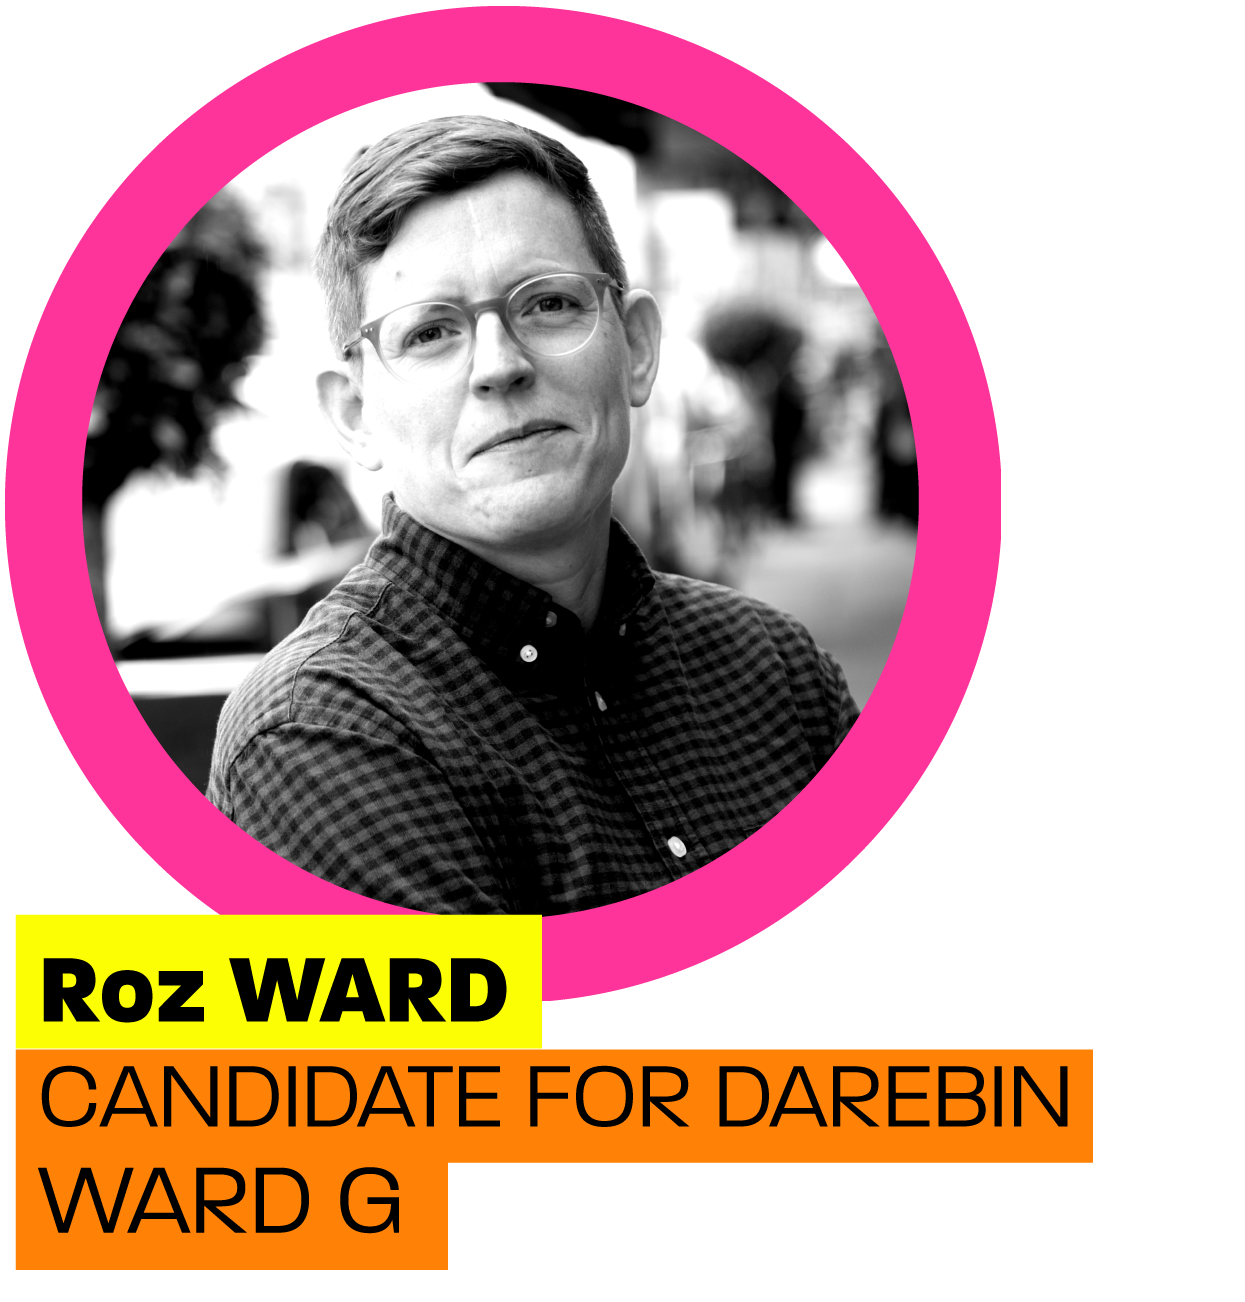 Roz Ward